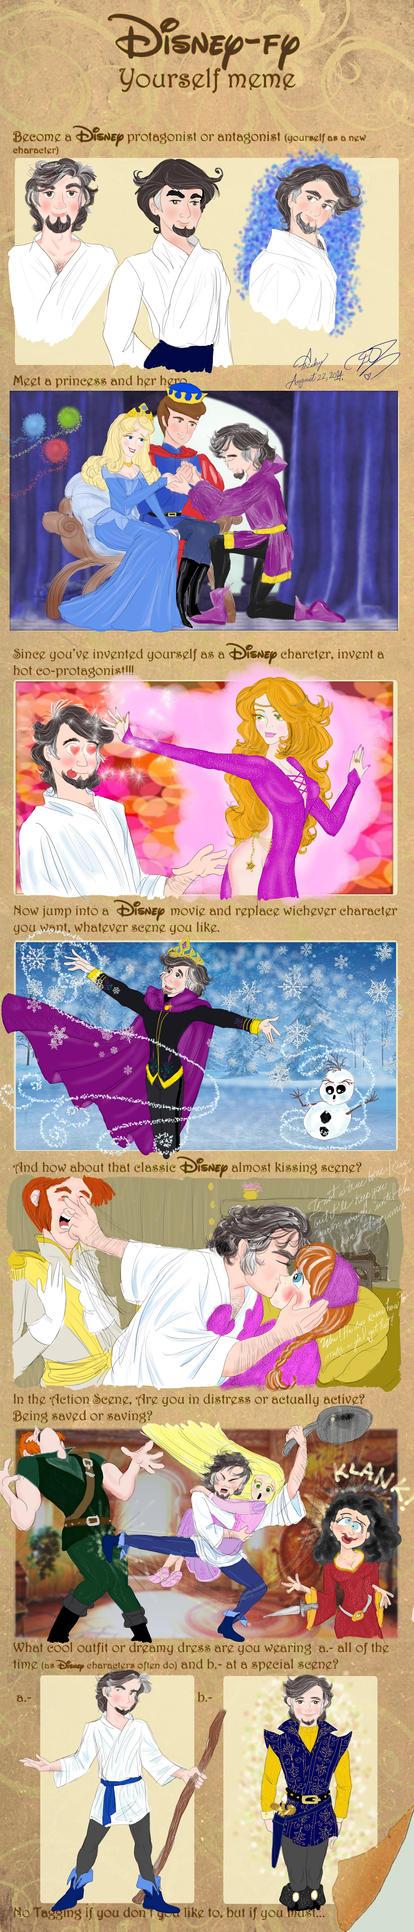 Disney Fy Yourself Meme Me as a hero by E-Ocasio